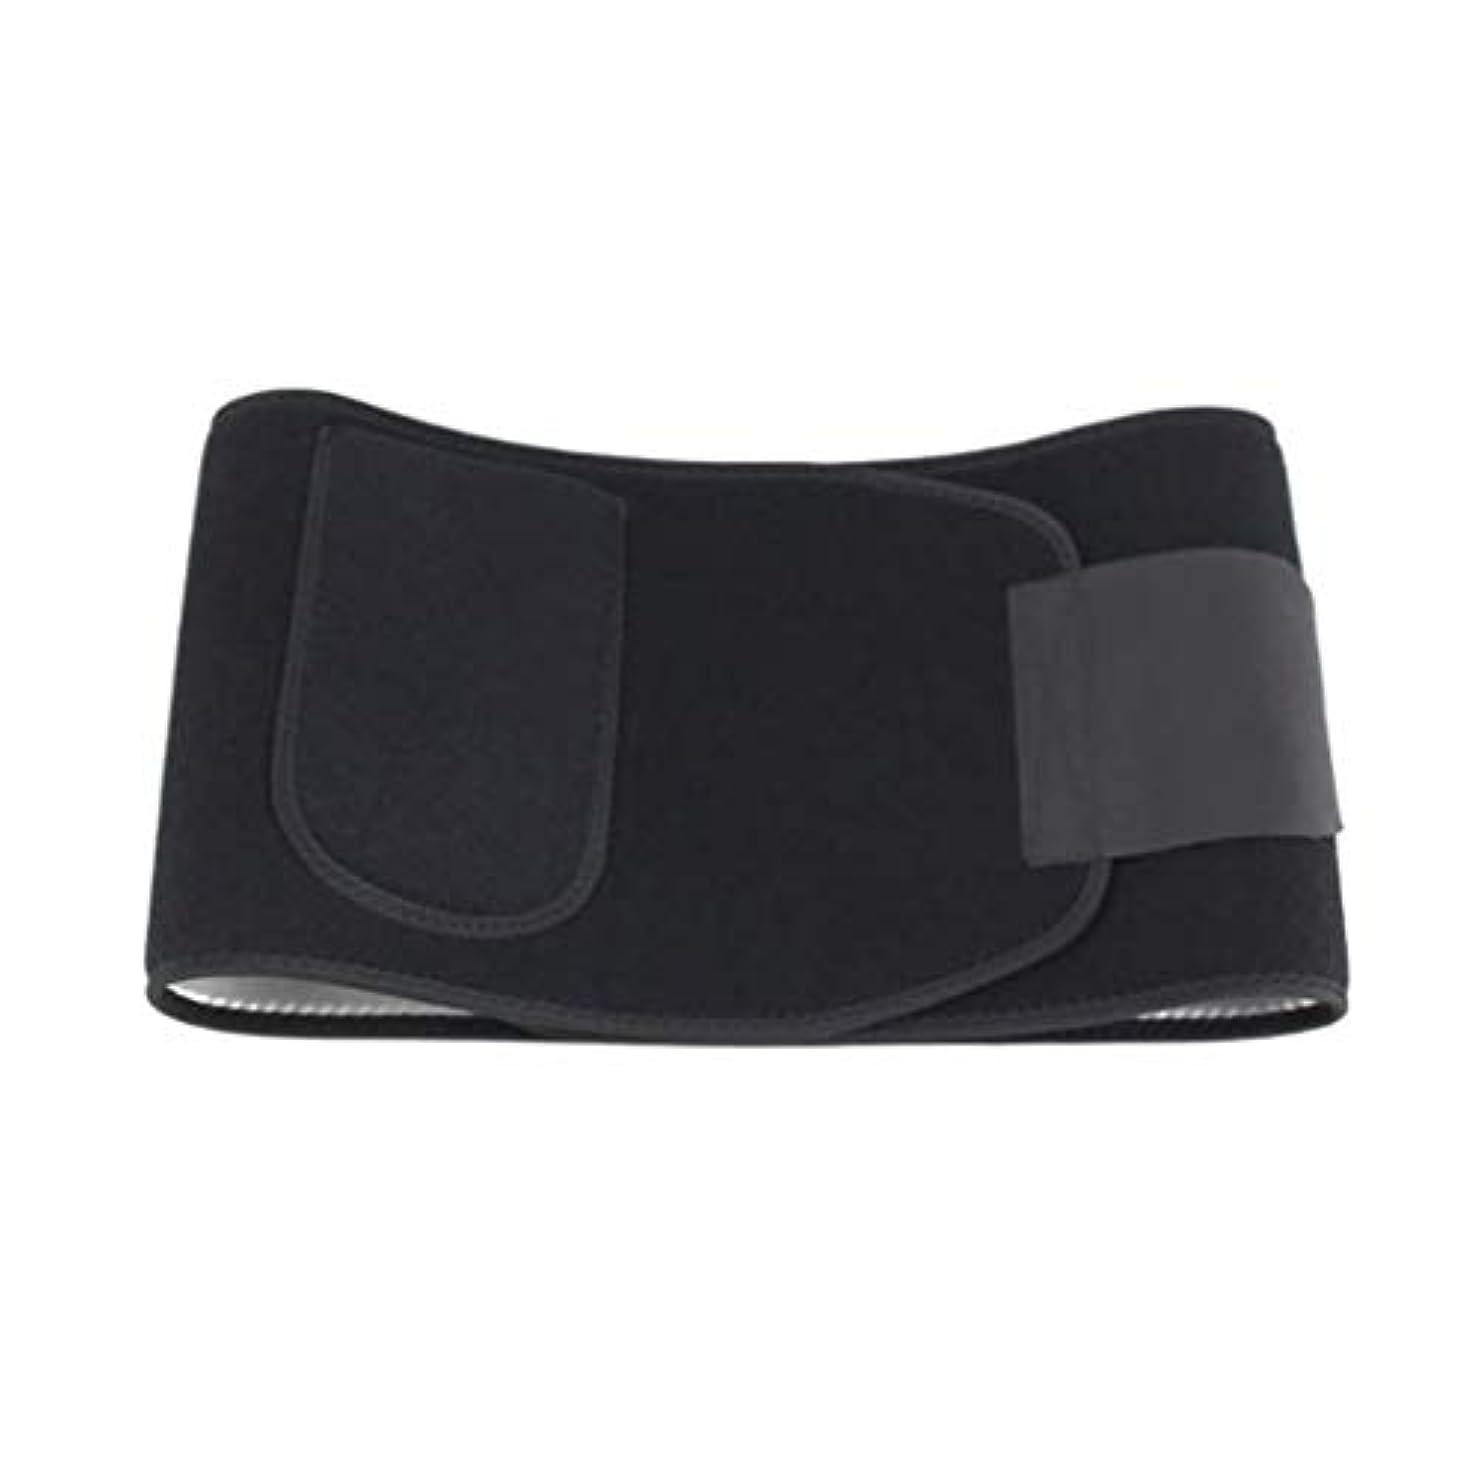 タイピストミットさようならウエスト/腰暖かいベルト、携帯用バックサポートベルト、ワーキング/スポーツ/フィットネスのために適切な弾性シェーピングスリミングスポーツベルト、